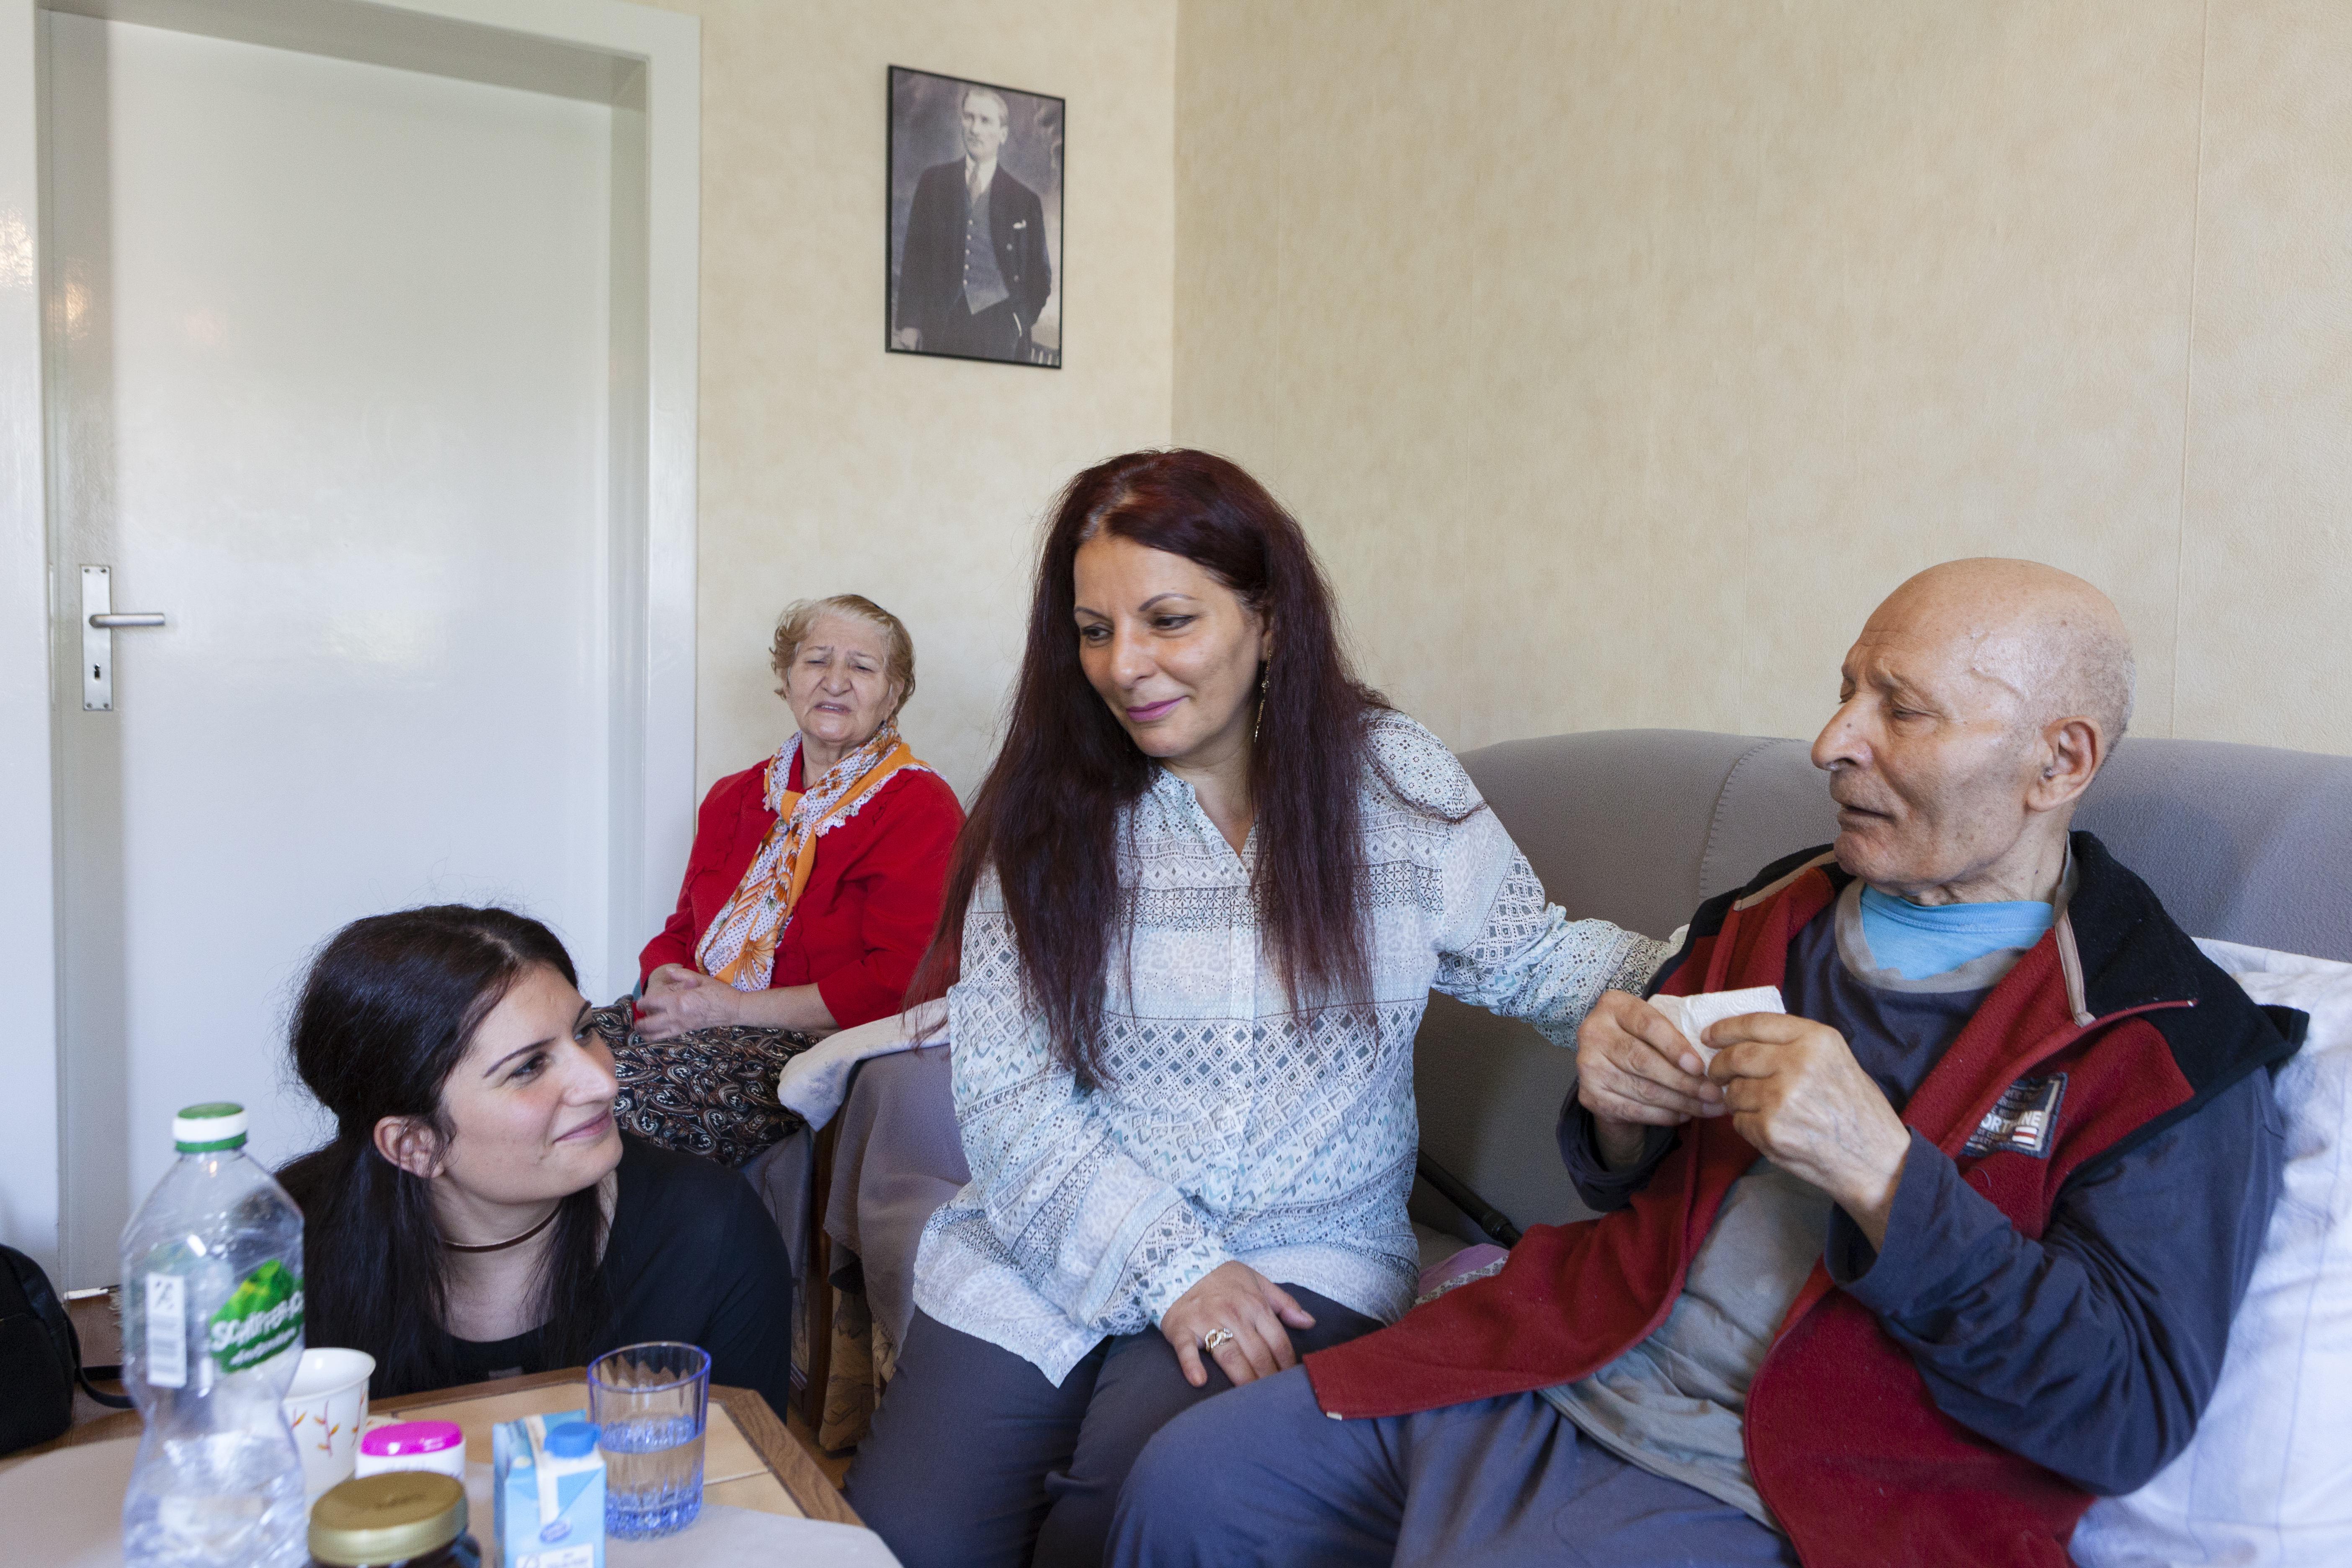 Fachtagung der Deutschen Alzheimer Gesellschaft: Mehr Information und Unterstützung für türkisch-sprachige Familien nötig